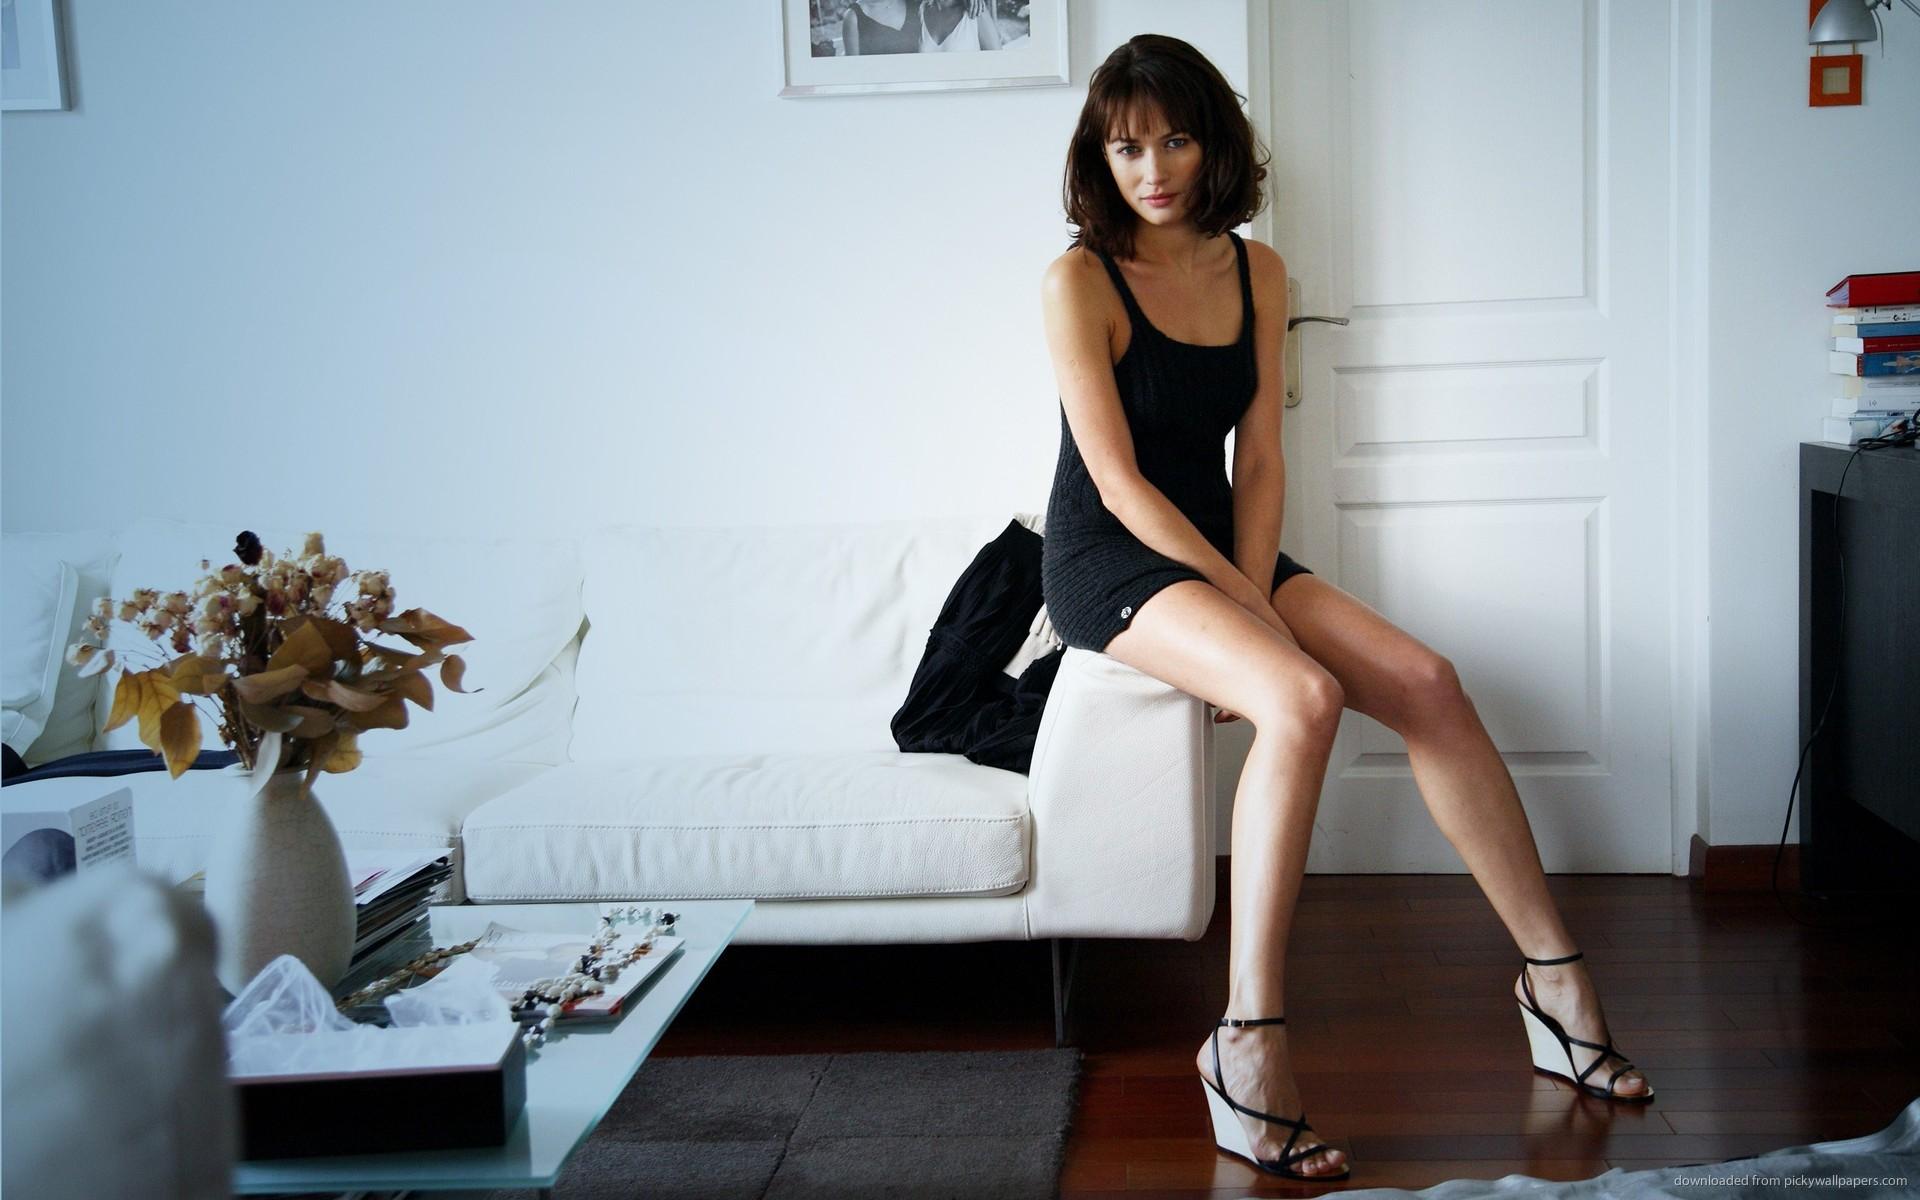 Download 1920x1200 Olga Kurylenko Long Legs Wallpaper 1920x1200